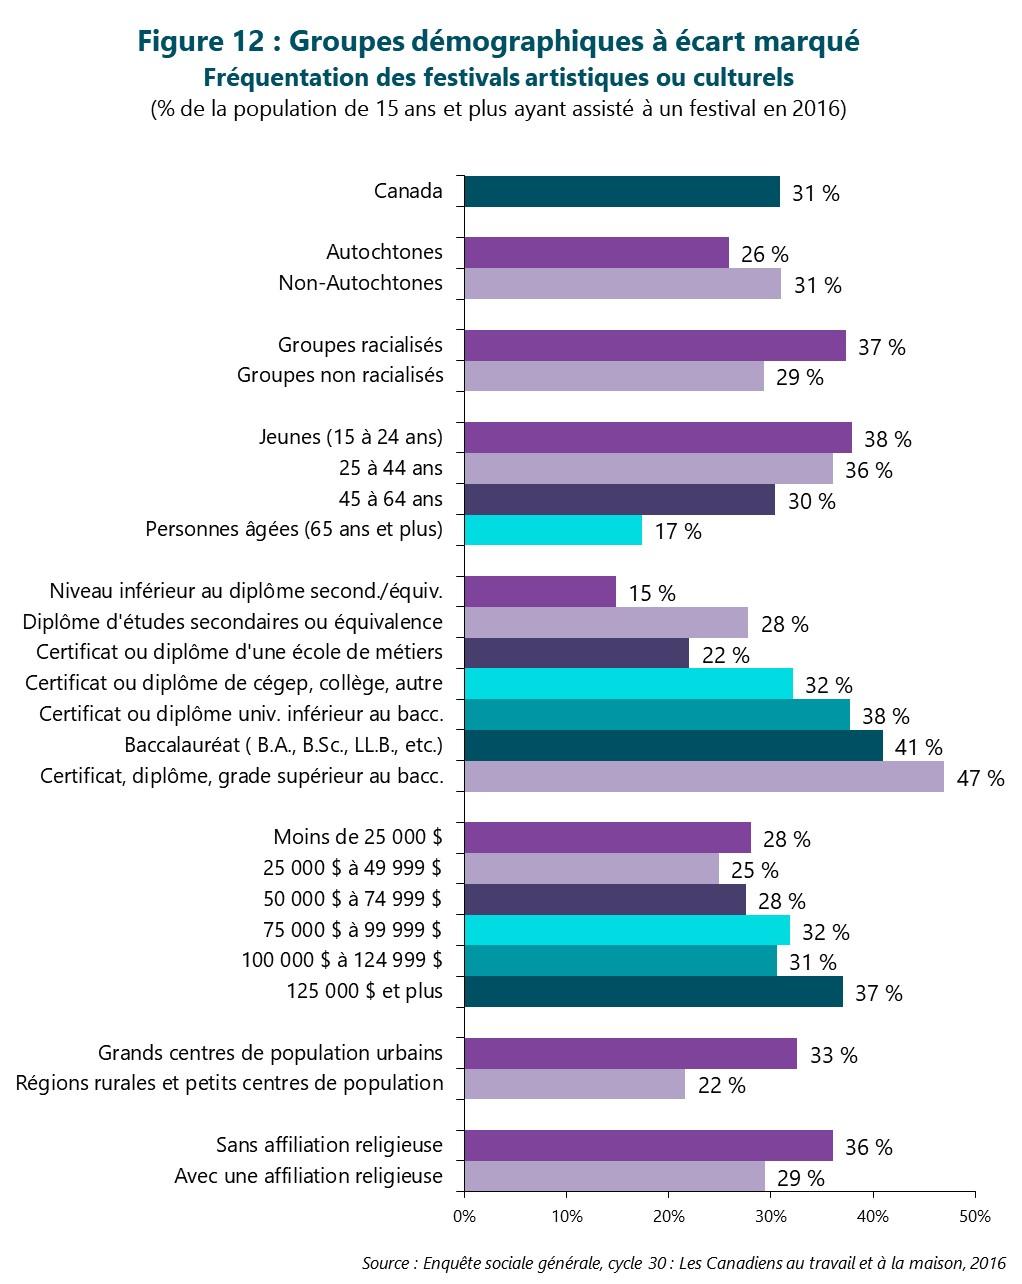 Figure 12 : Groupes démographiques à écart marqué -- Fréquentation des festivals artistiques ou culturels